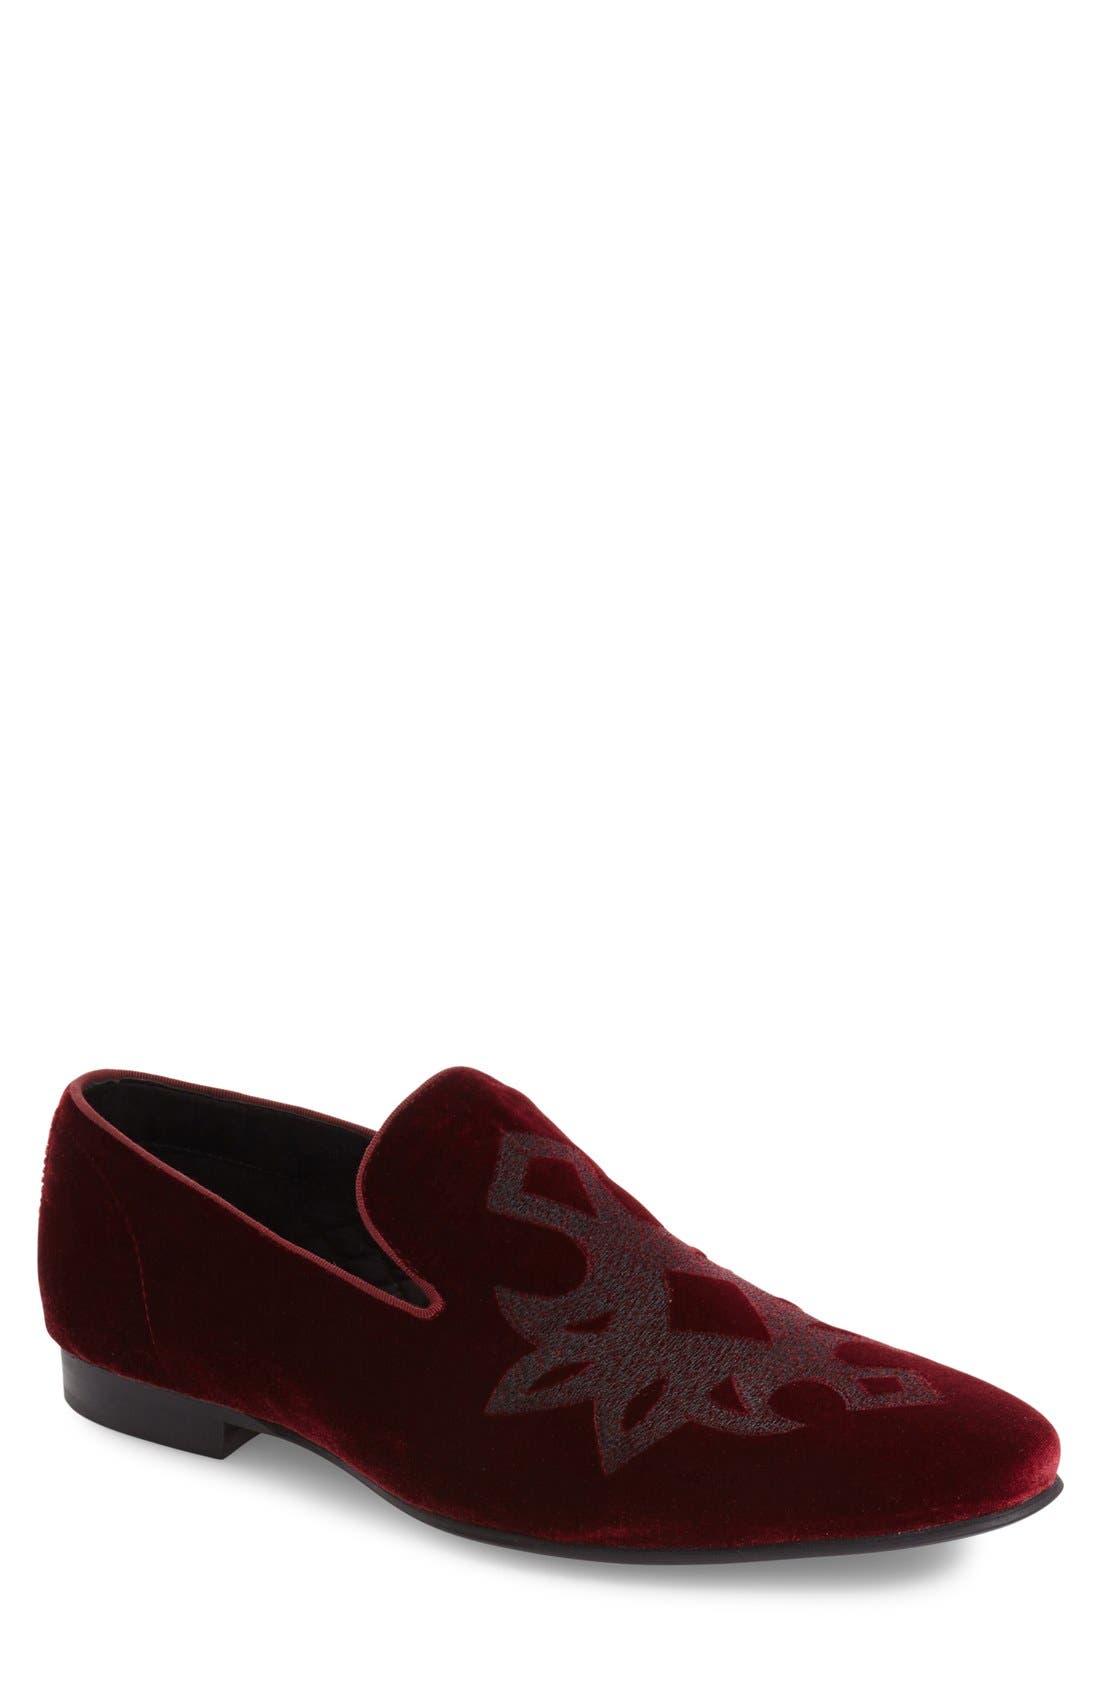 Alternate Image 1 Selected - Steve Madden Lorax Venetian Loafer (Men)